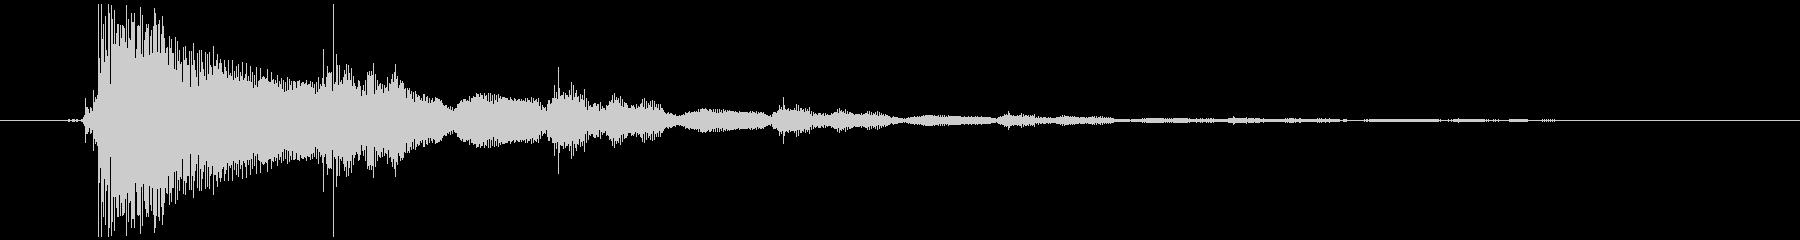 効果音(エレキギター)1の未再生の波形